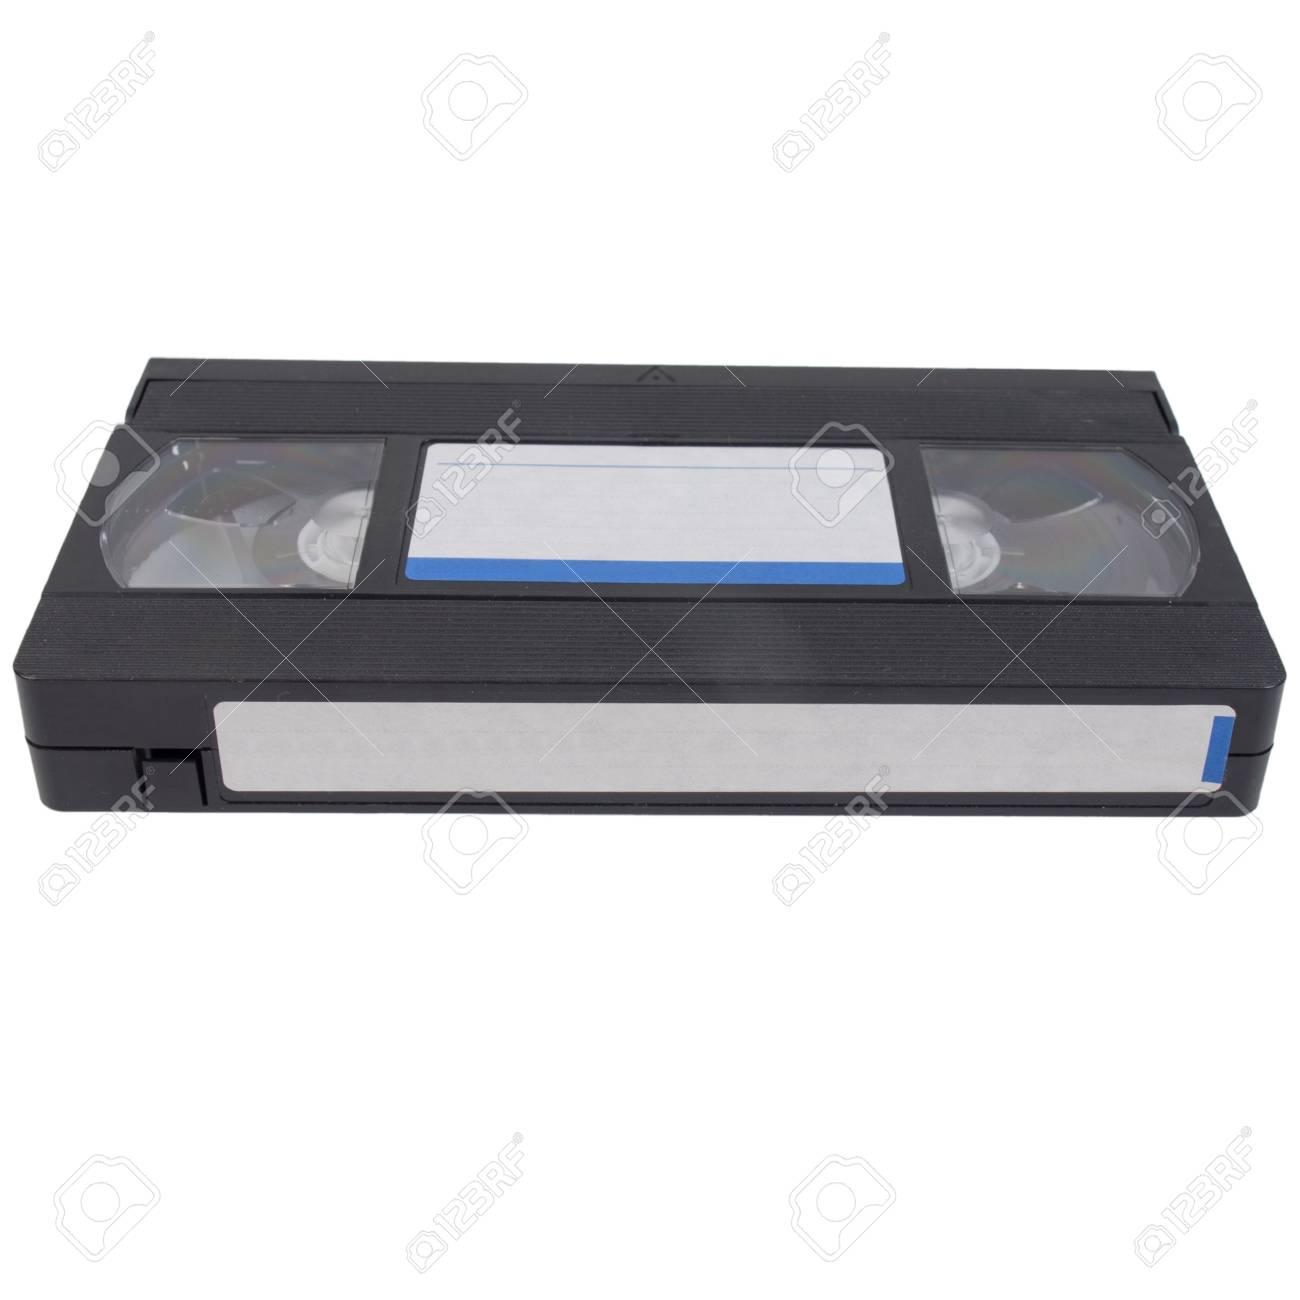 Vintage Vhs Cassette De Cinta Para La Grabacion De Video Fotos